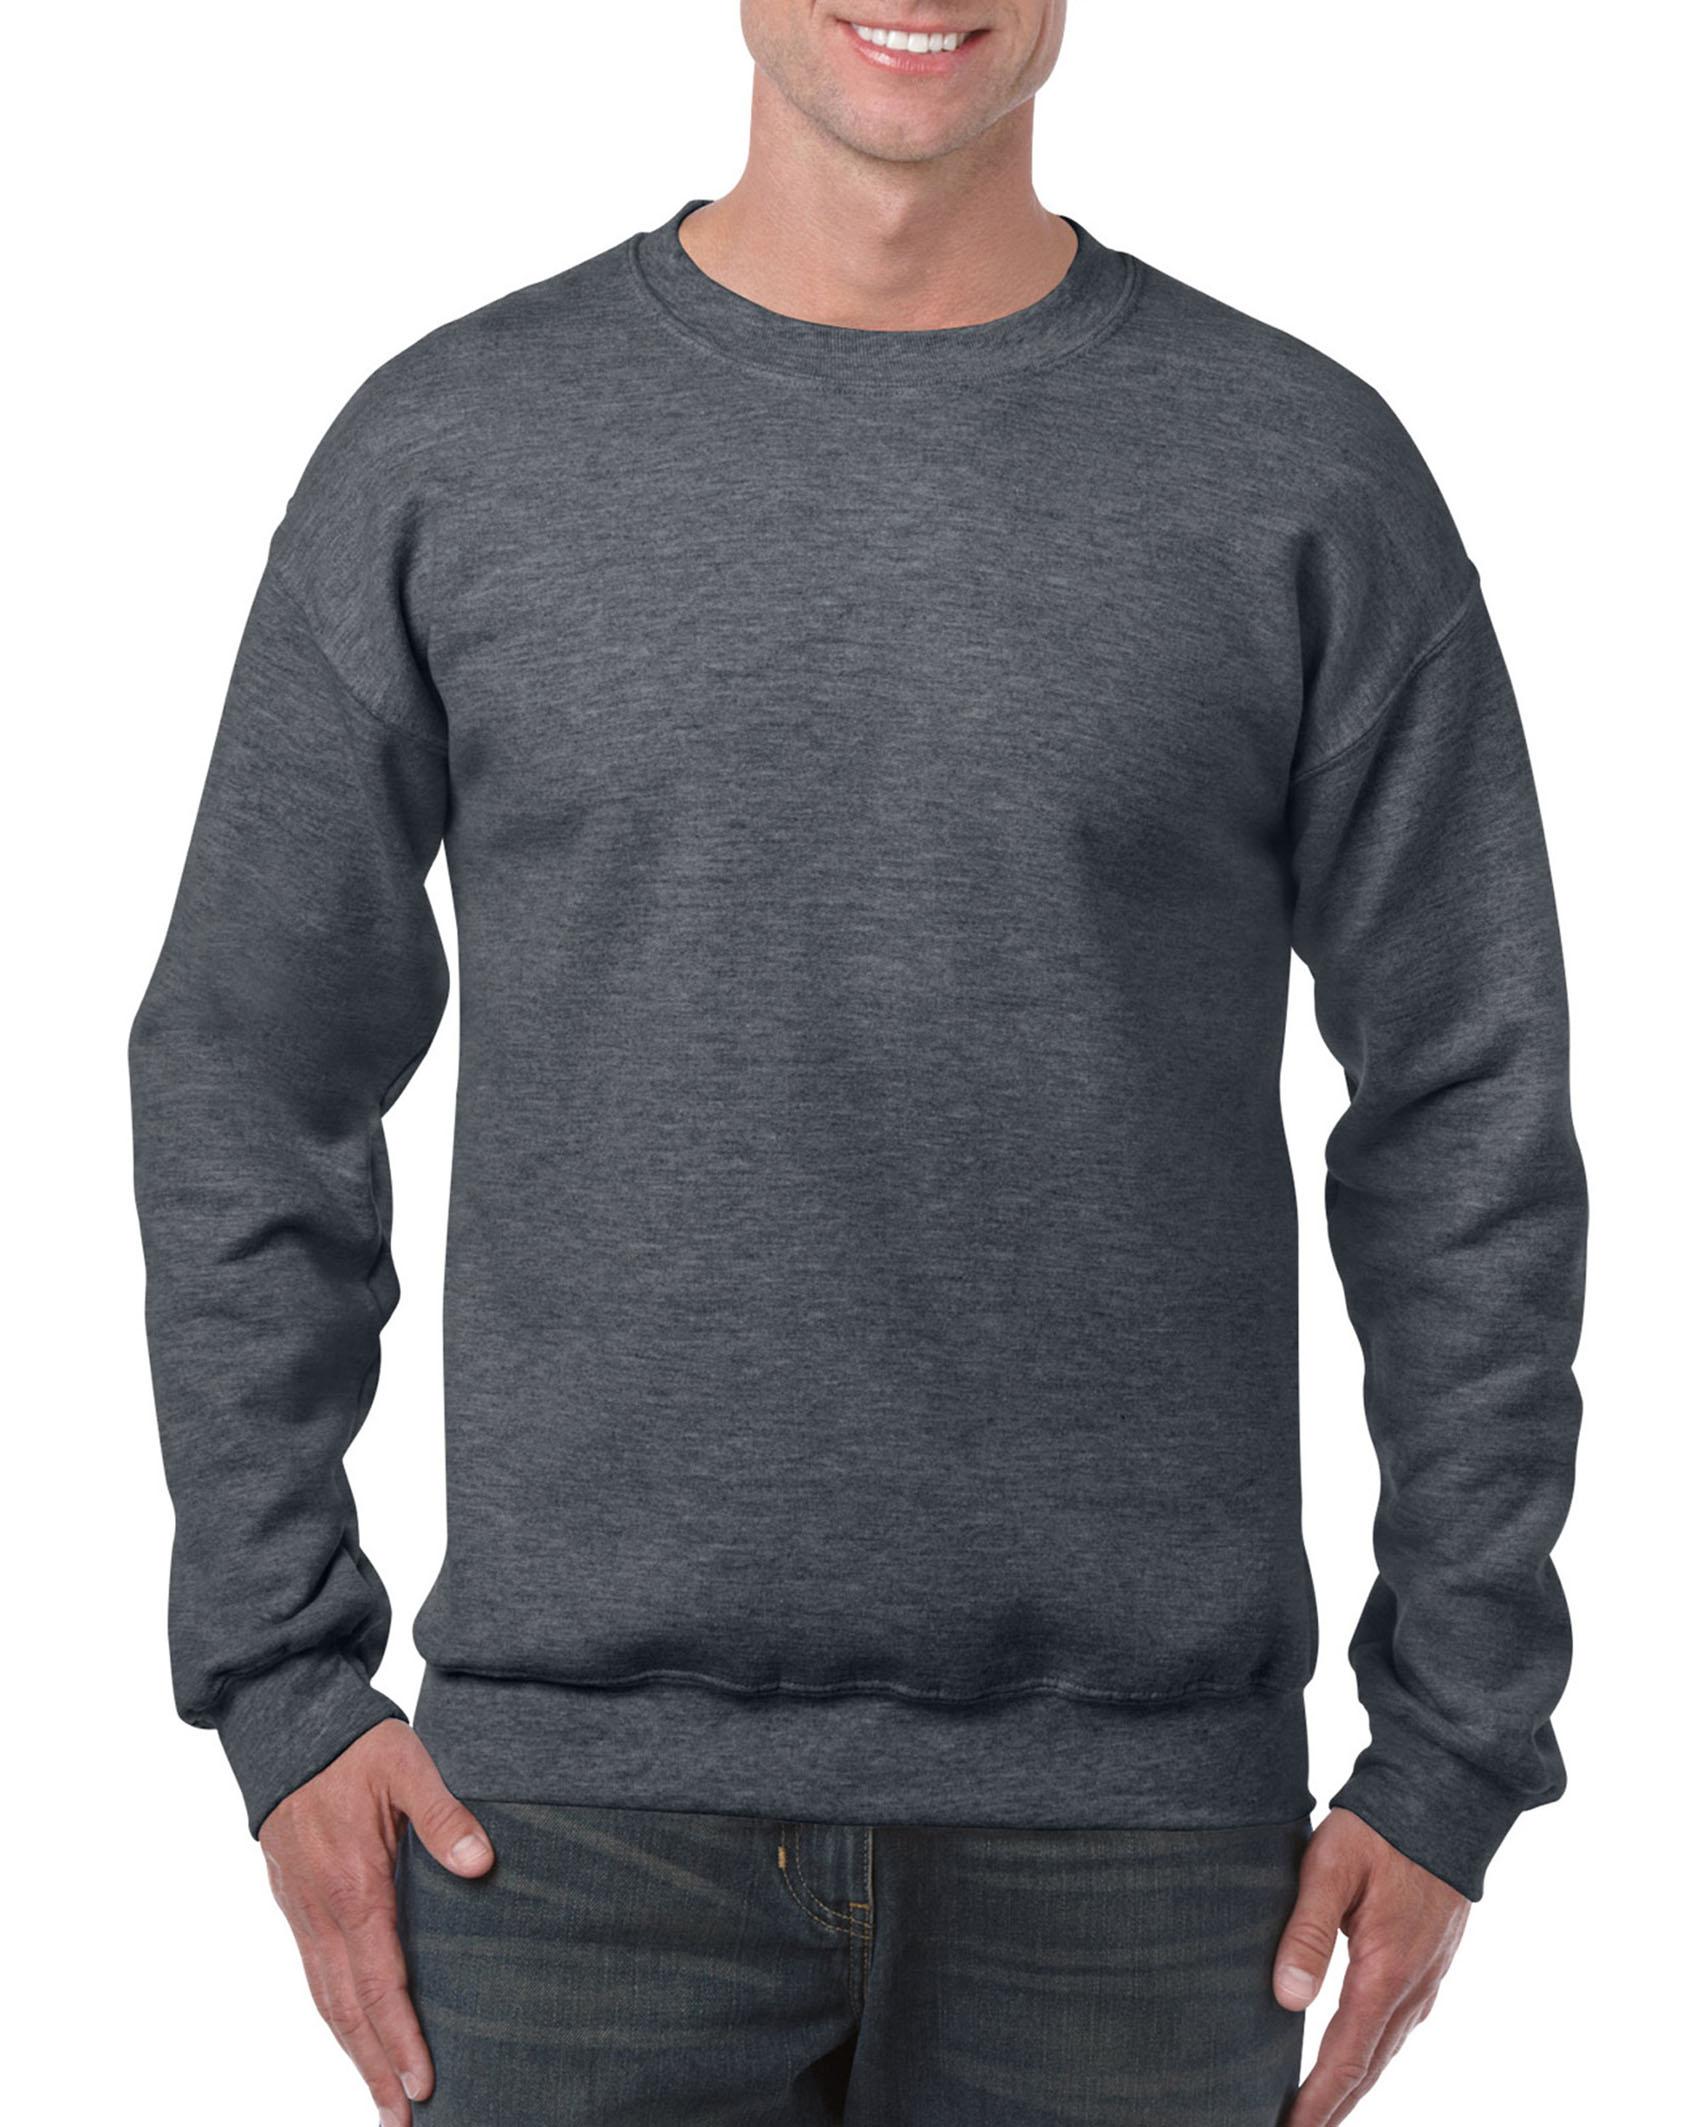 25St Gildan Sweater incl. 1k opdruk (Dark Heather)